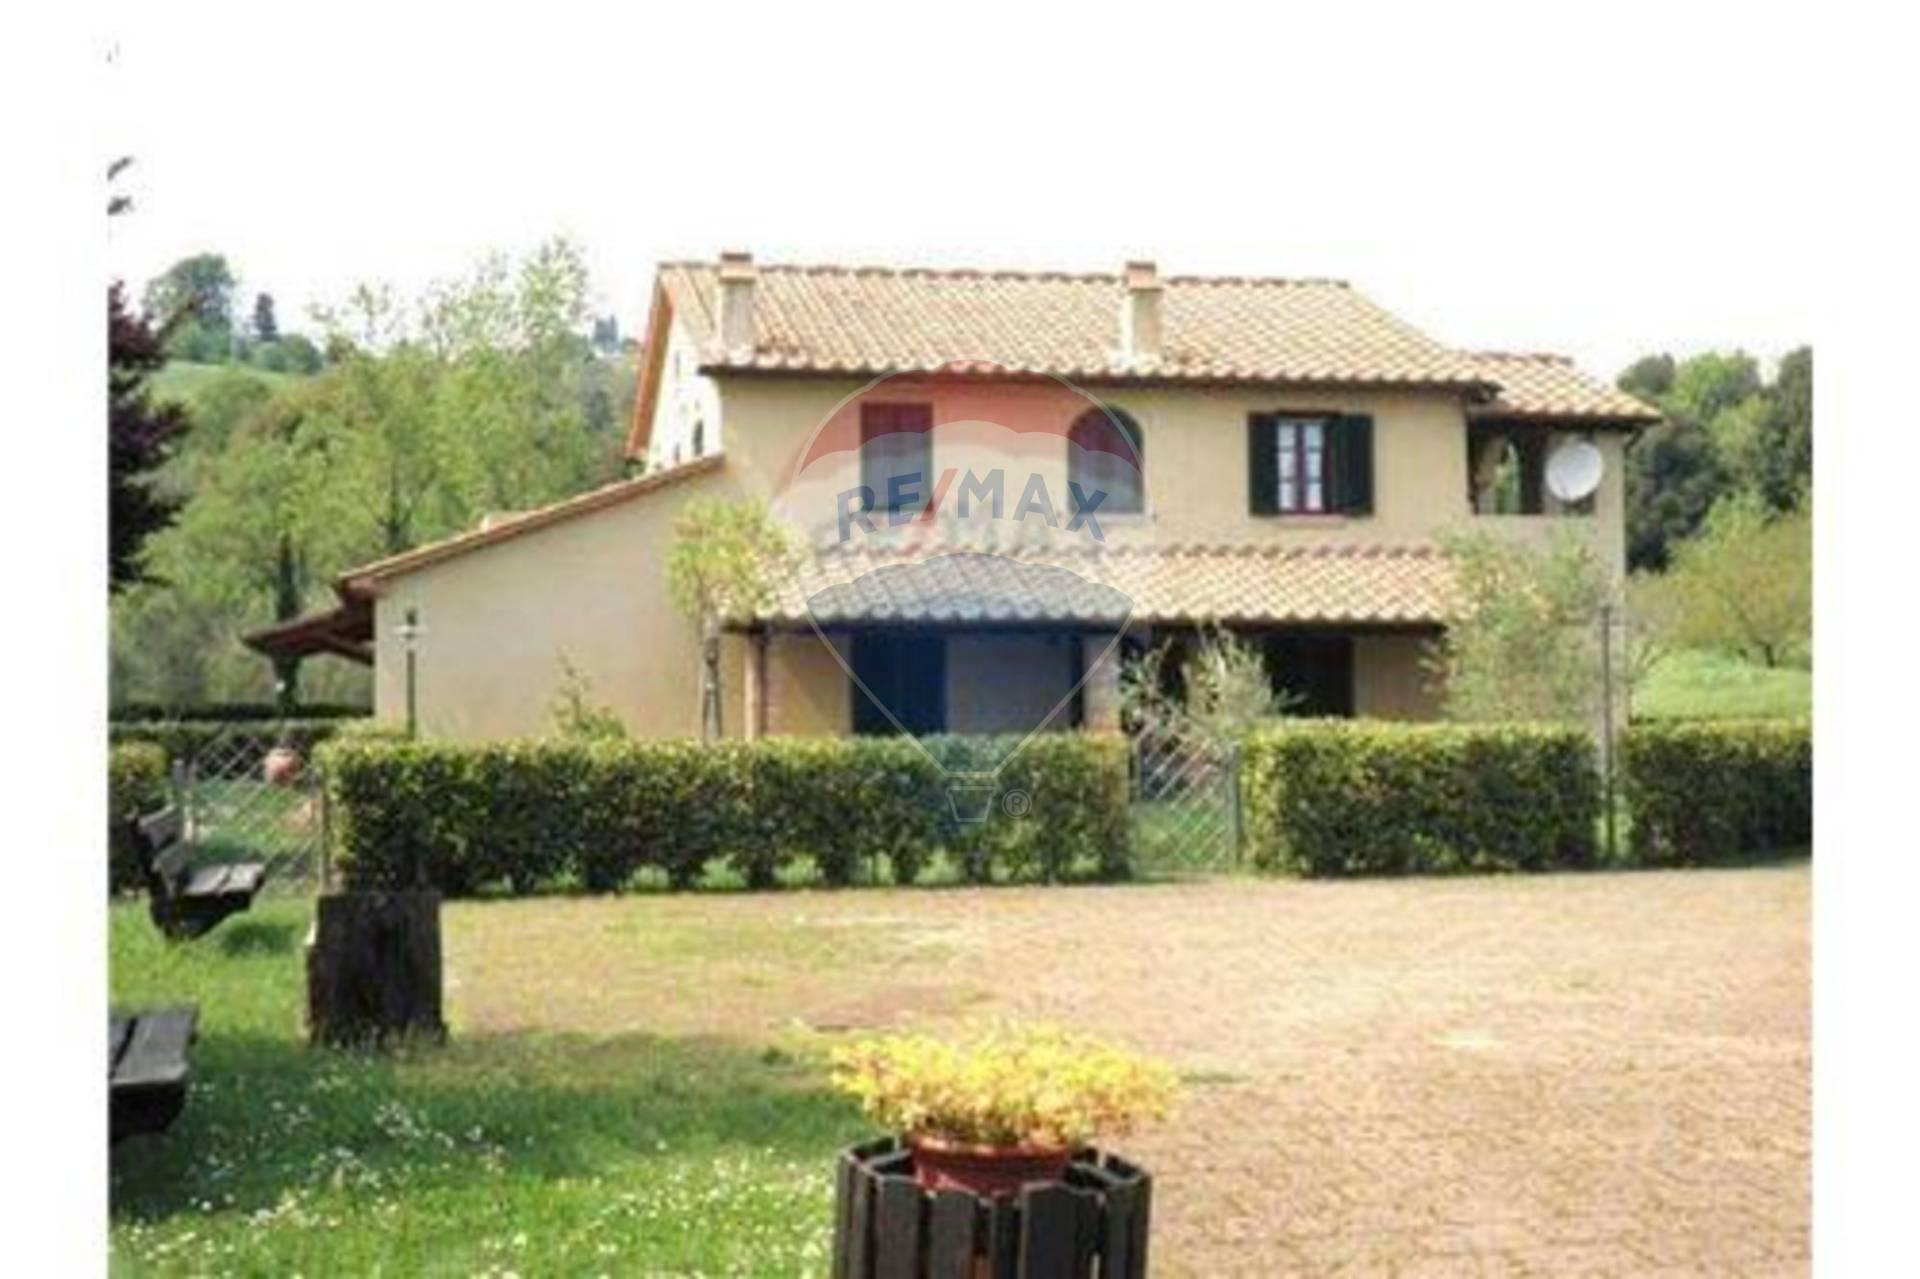 Appartamento in vendita a Riparbella, 3 locali, prezzo € 145.000 | CambioCasa.it